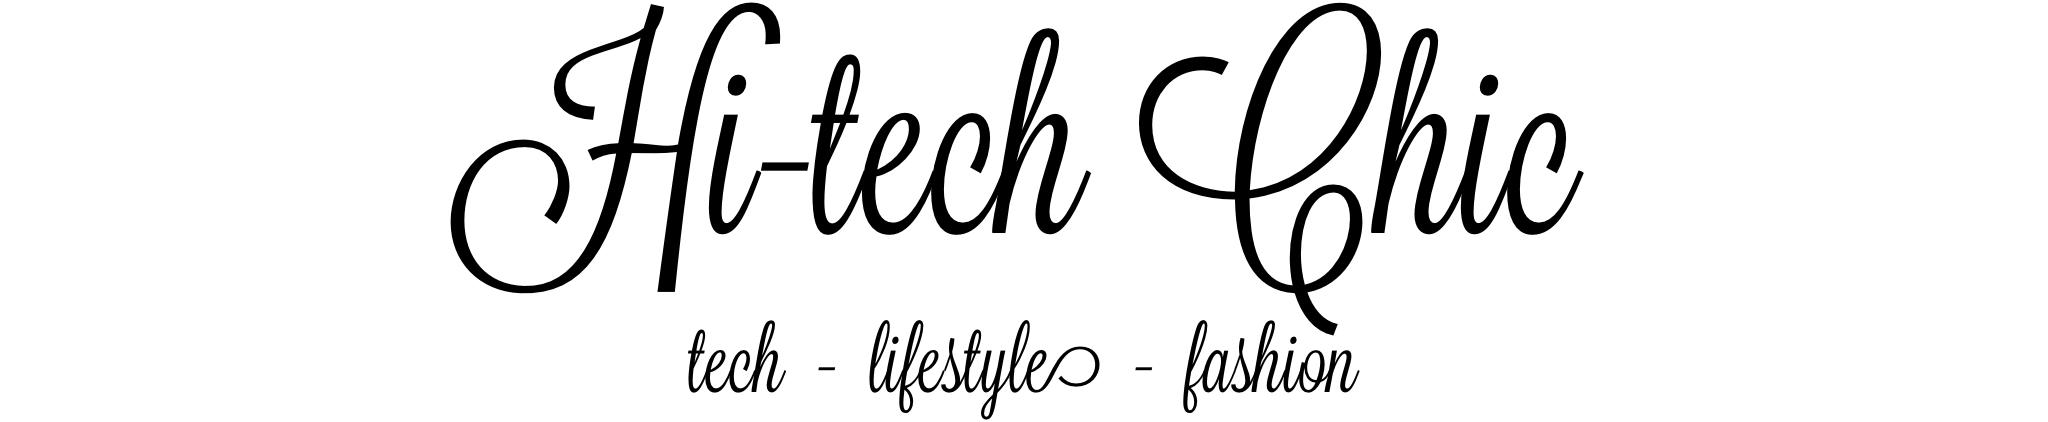 Hi-tech Chic